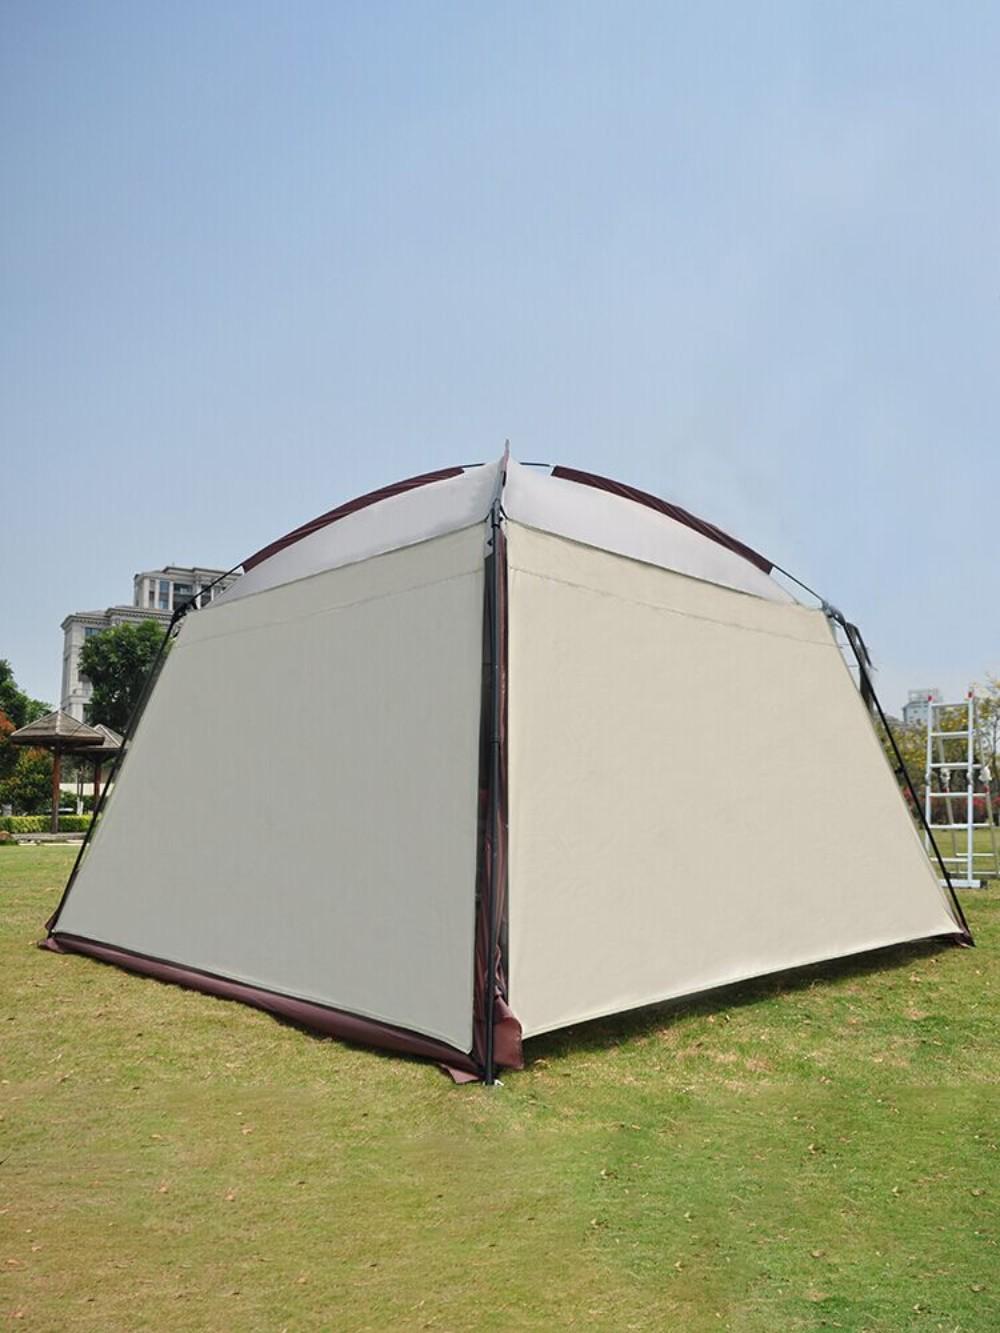 바퀴달린집 모기장 텐트 타프 돔 쉘터 여름 시원한 그물 텐트, 타프 1장